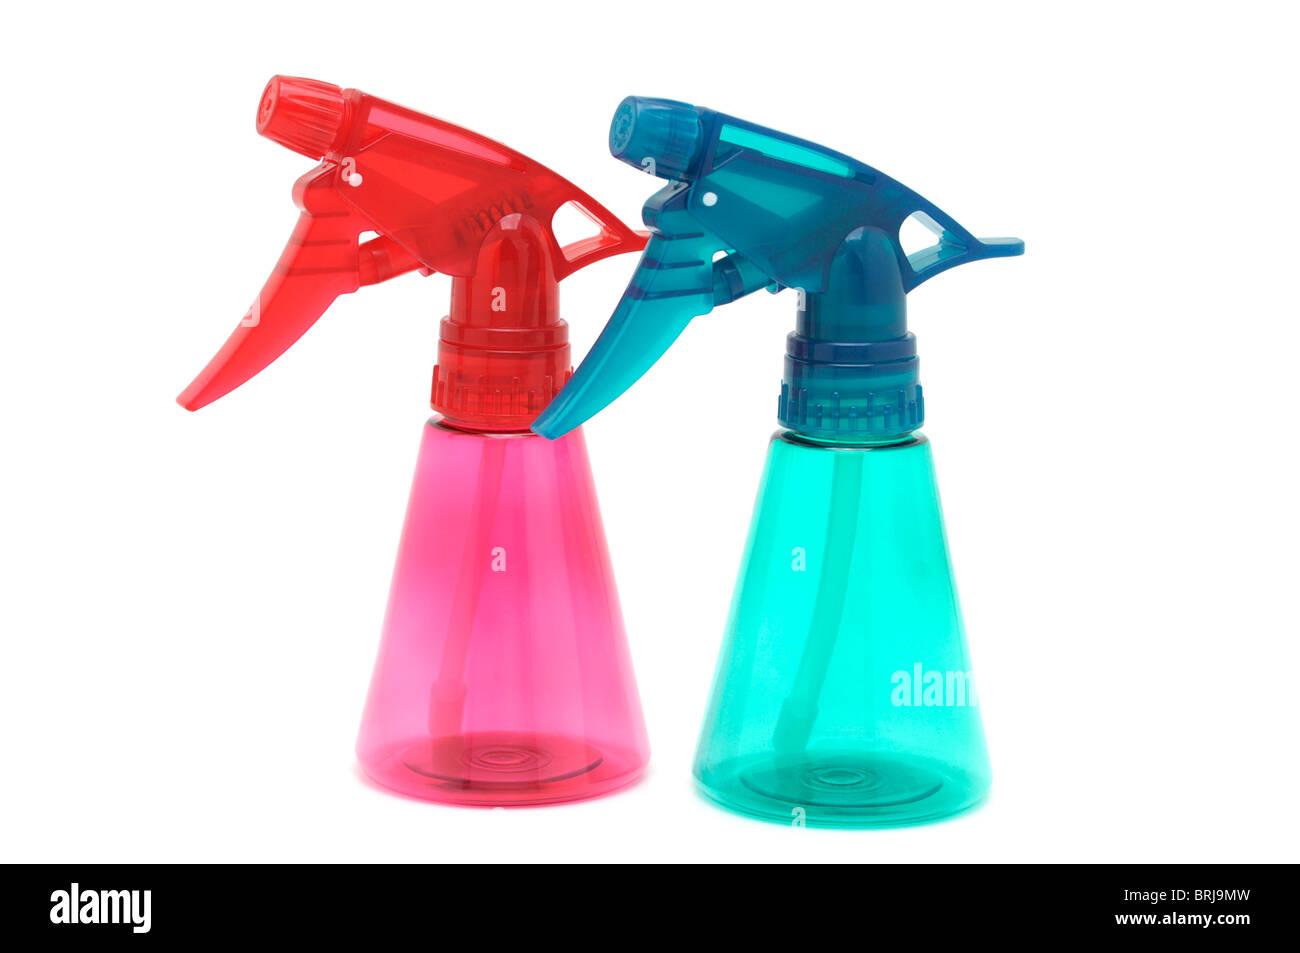 Botellas vacías de spray Imagen De Stock